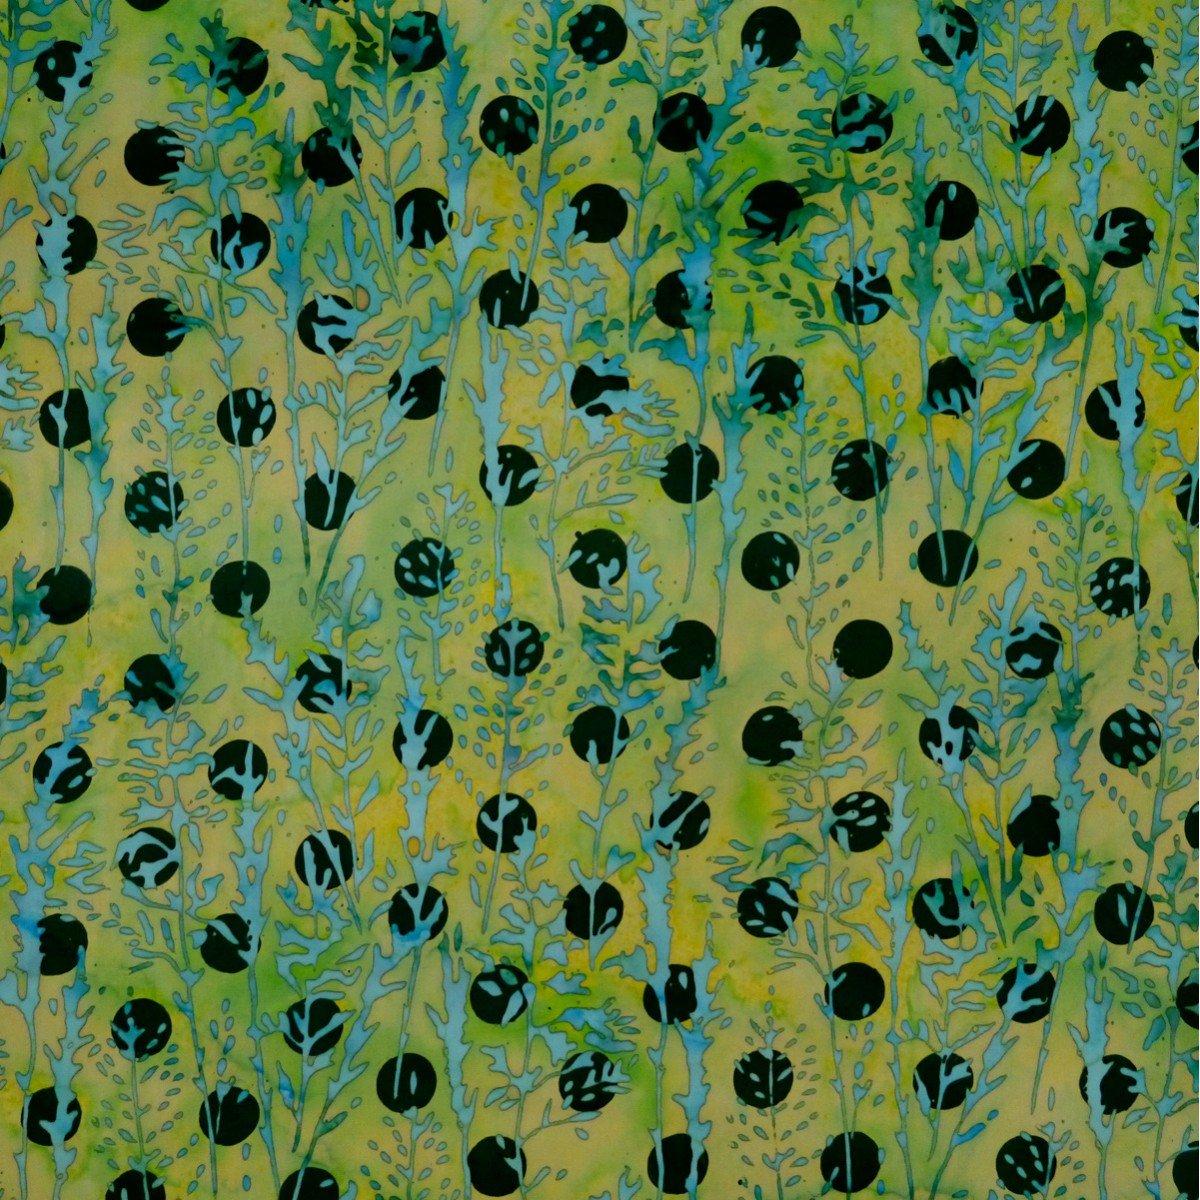 Batik by Mirah Herbiage HB-4-9556 Meadow Creek